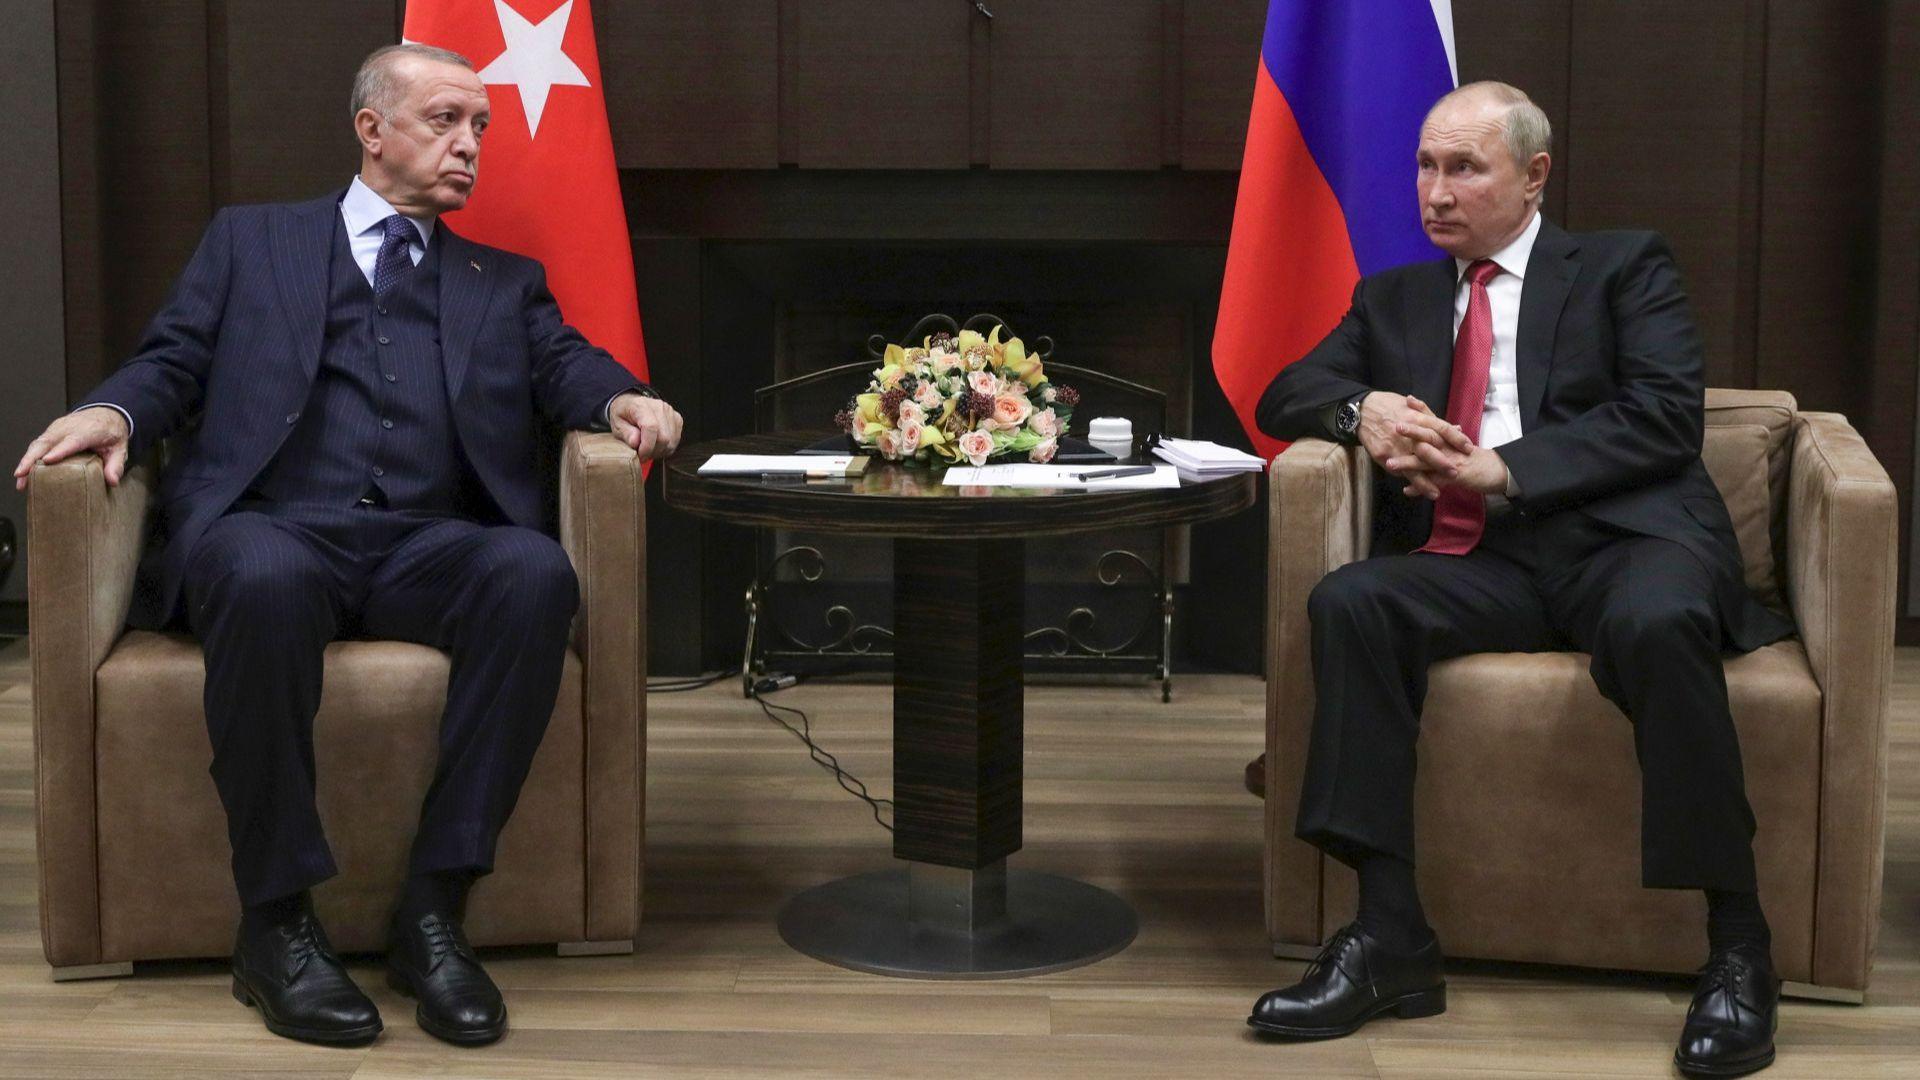 Първа среща на Путин след карантината - в Сочи с турския президент Ердоган